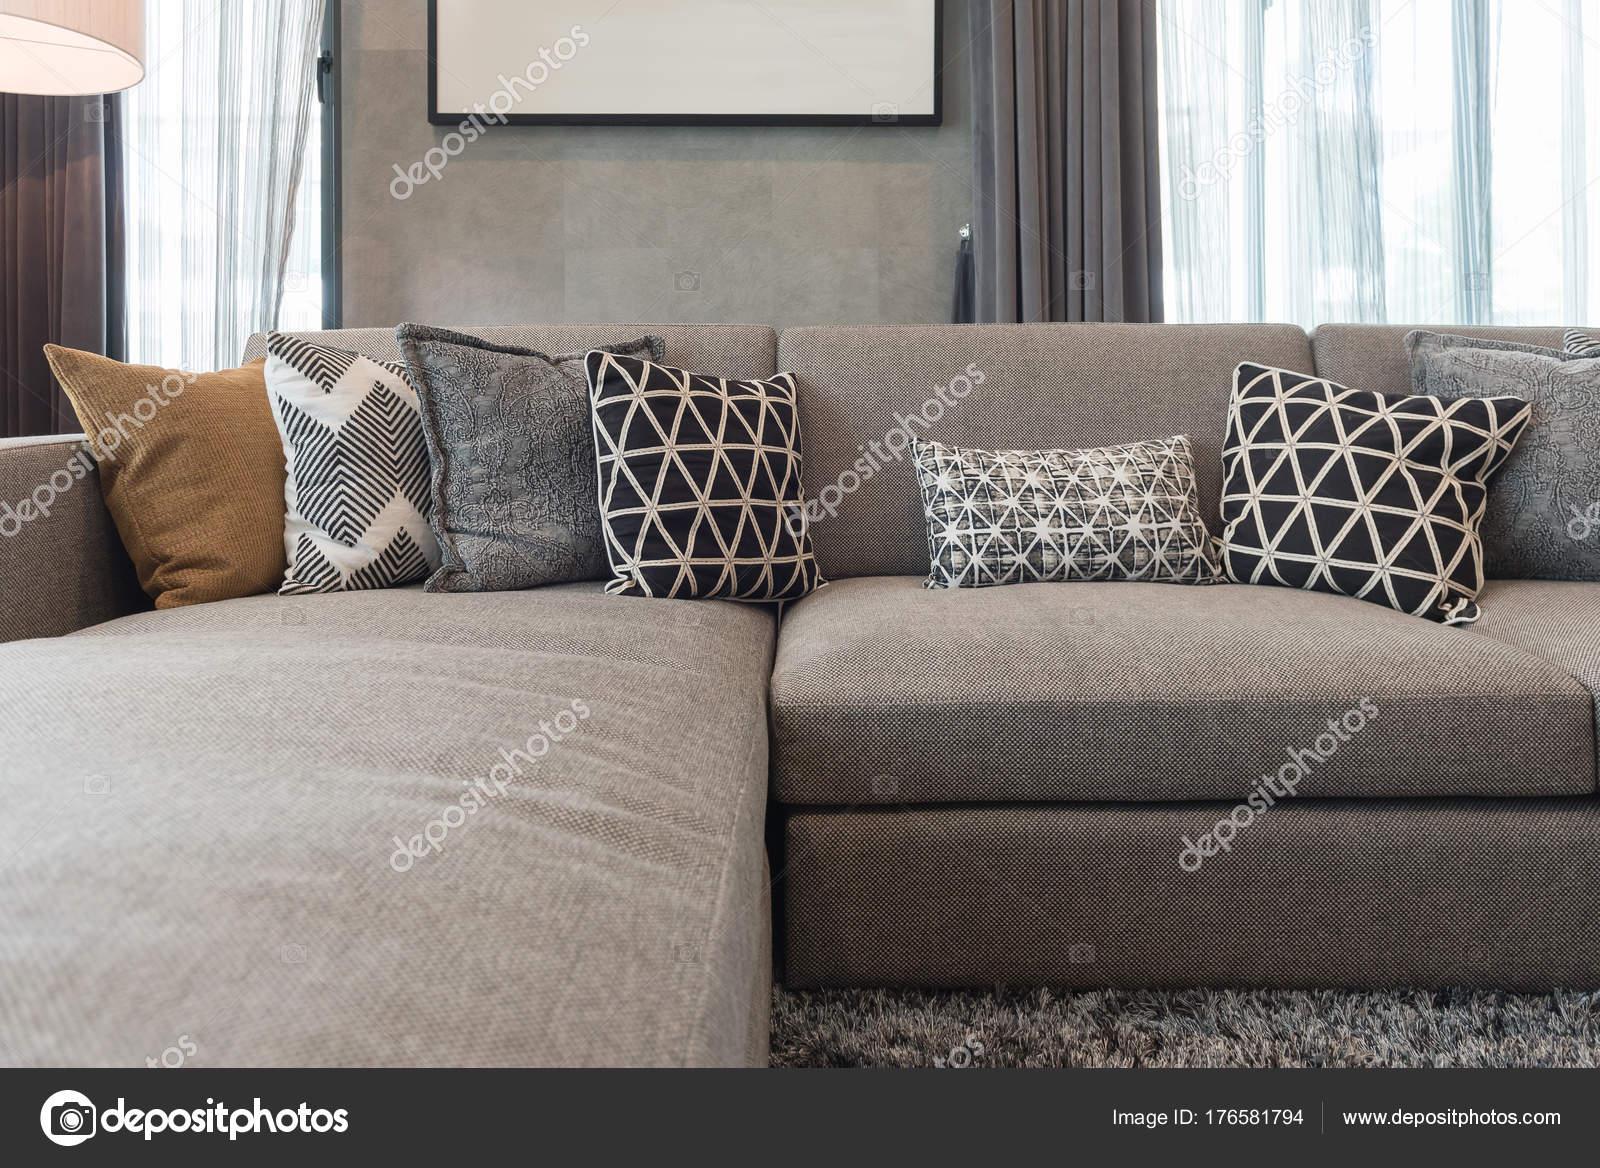 style de salon de luxe avec ensemble de coussins — photographie